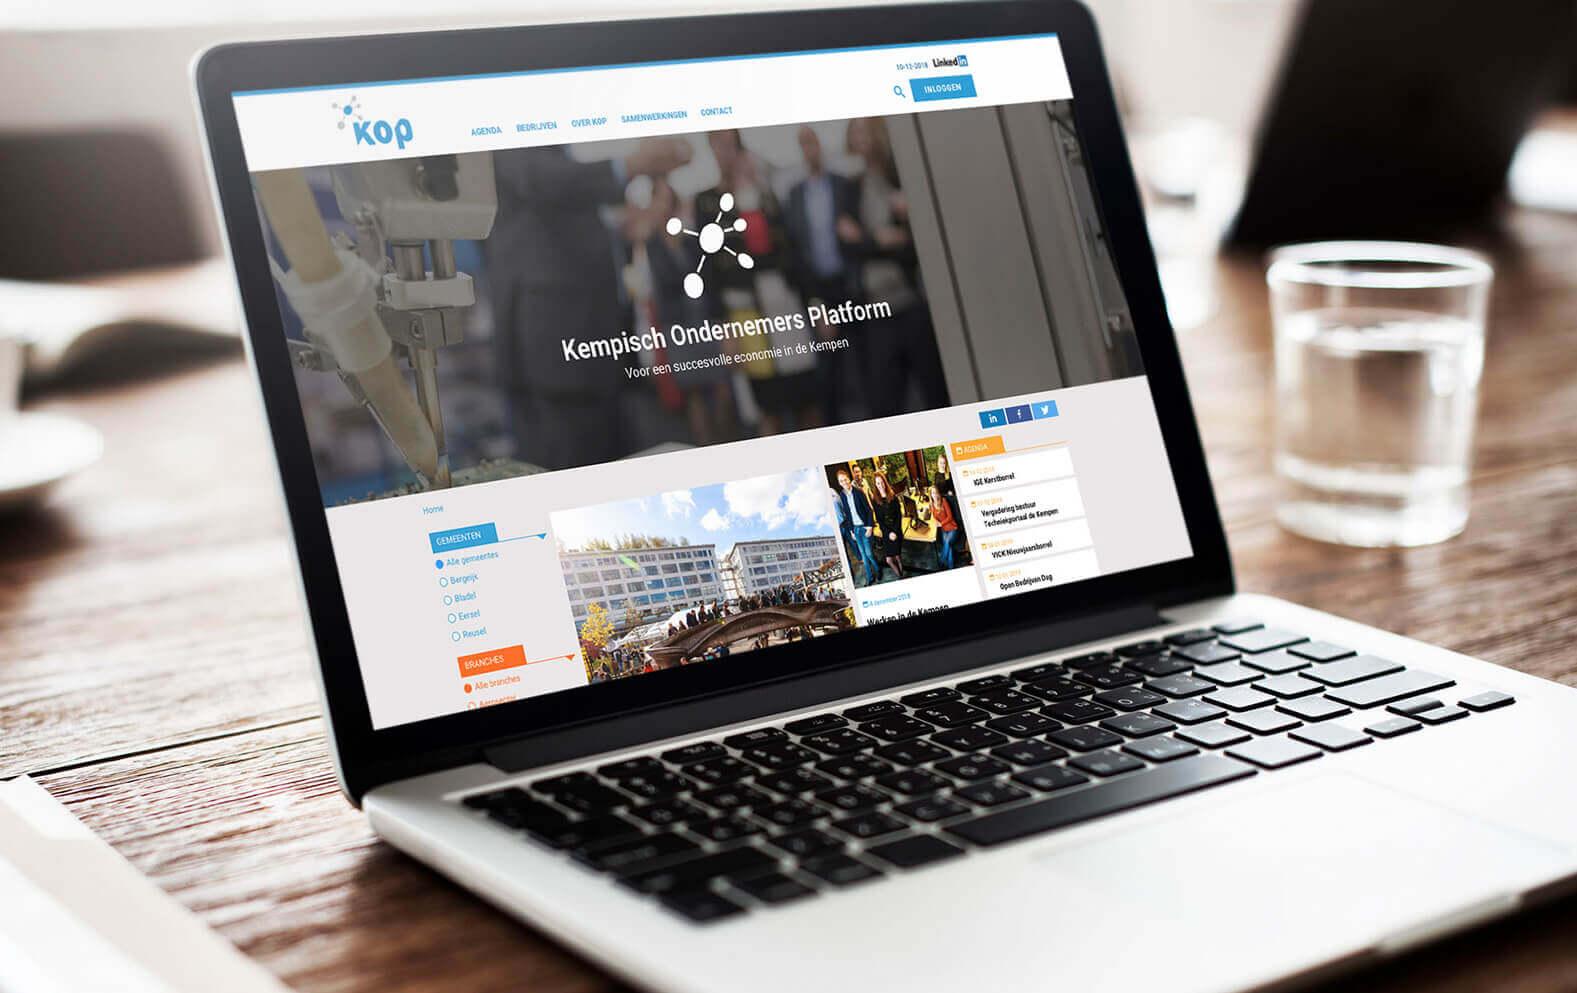 Het Kop website homepage op laptop